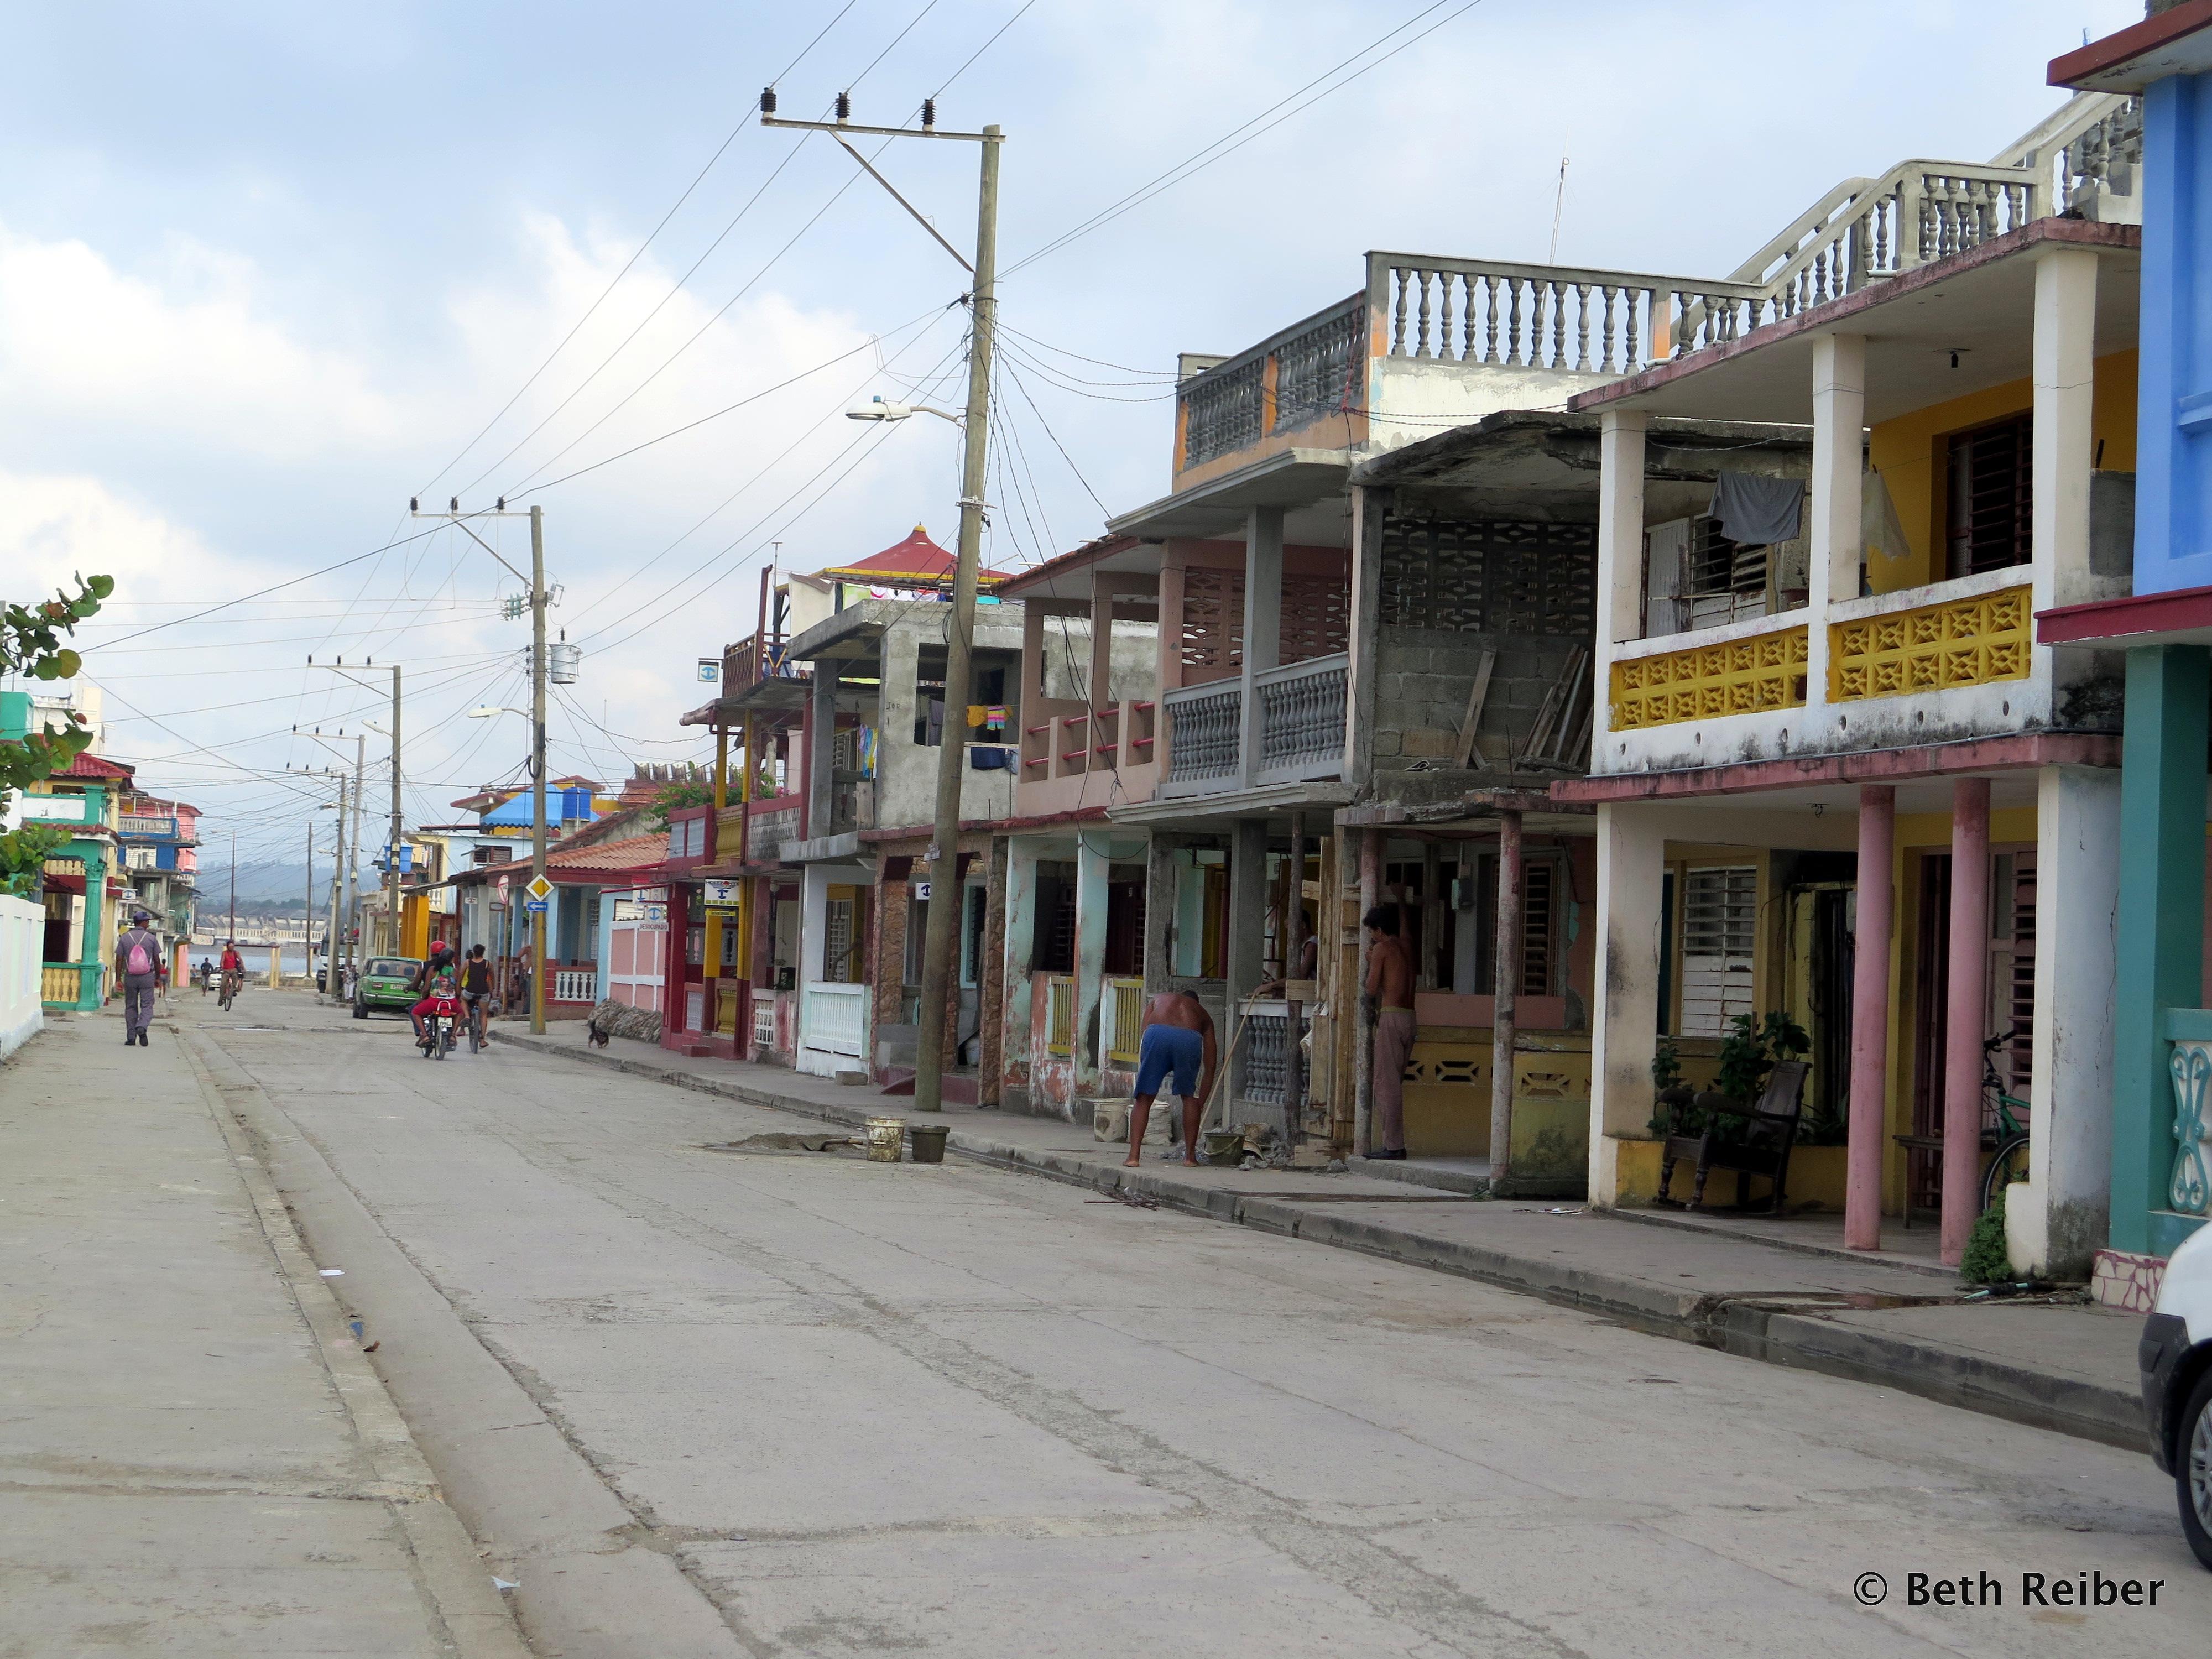 A main street in Baracoa